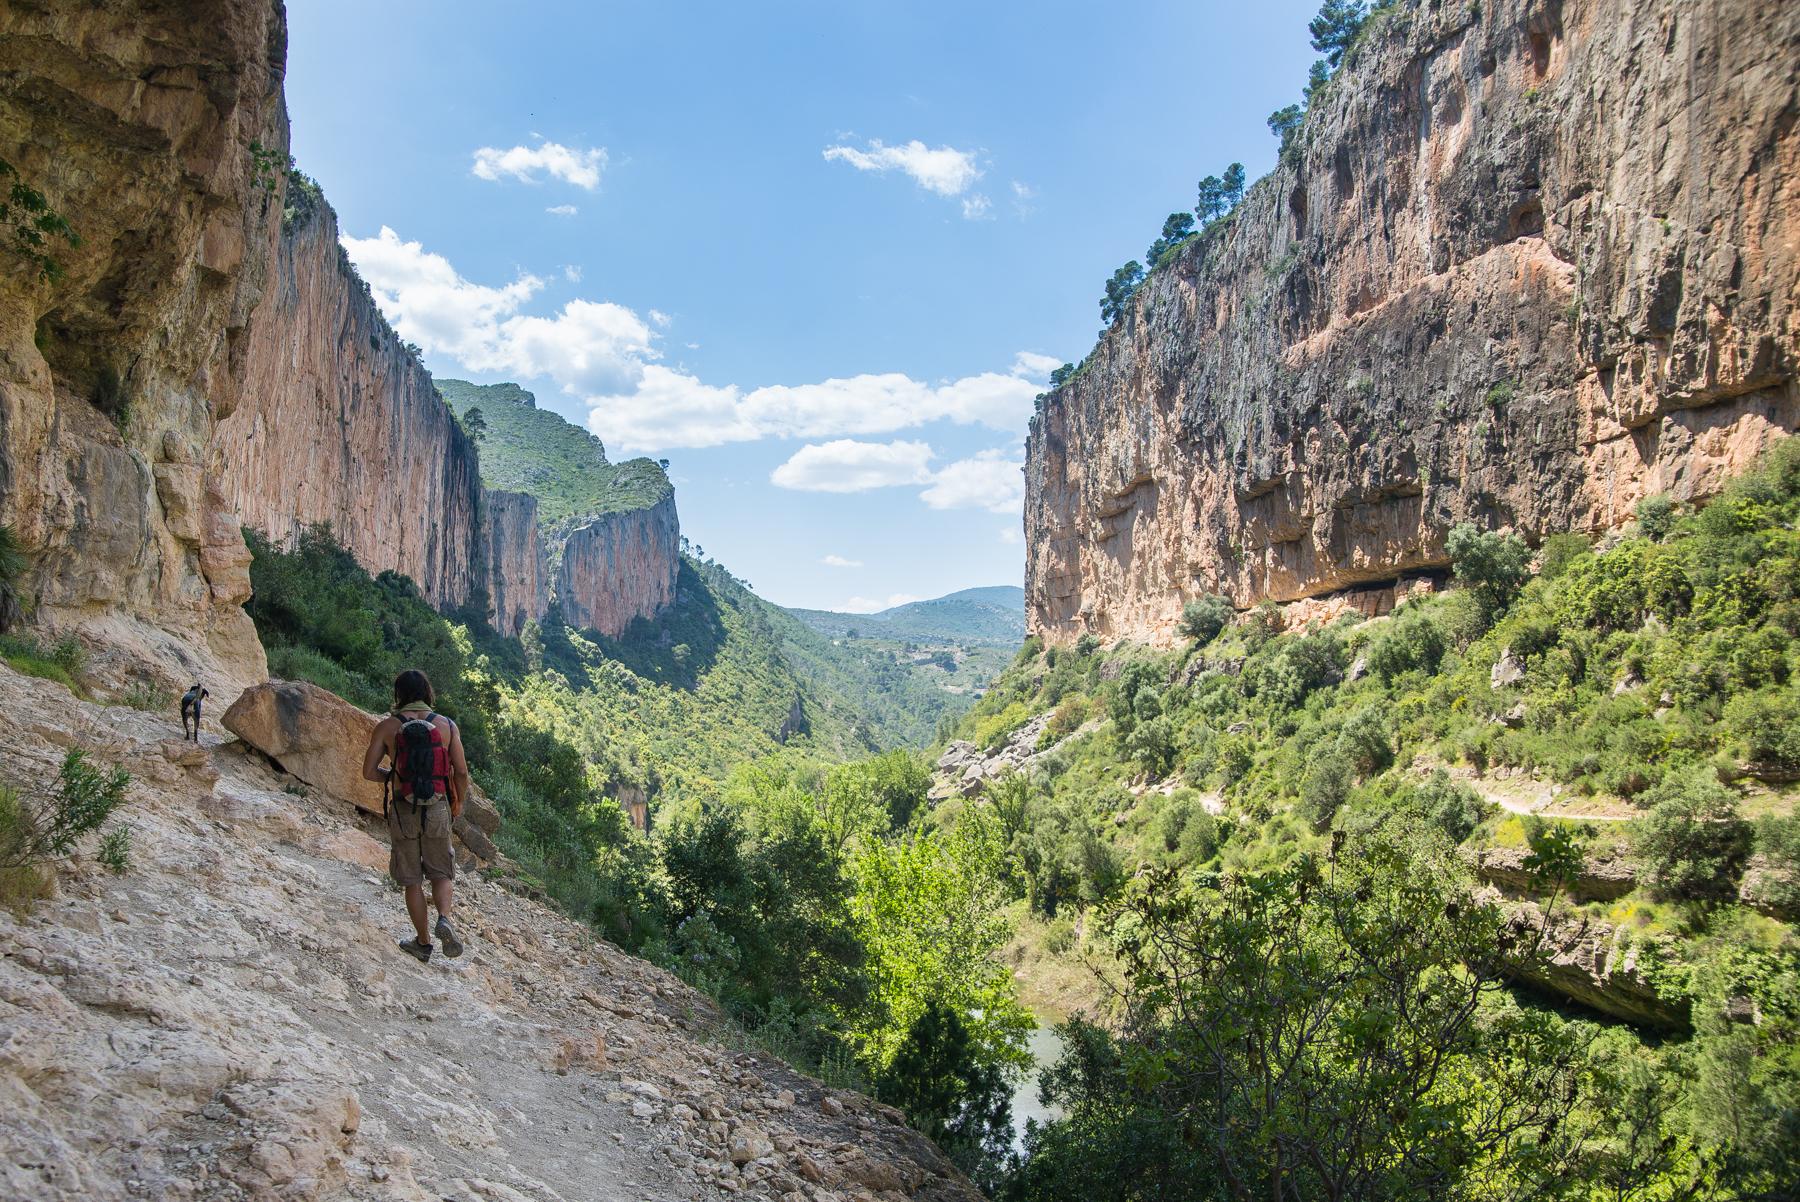 Chulilla Canyon